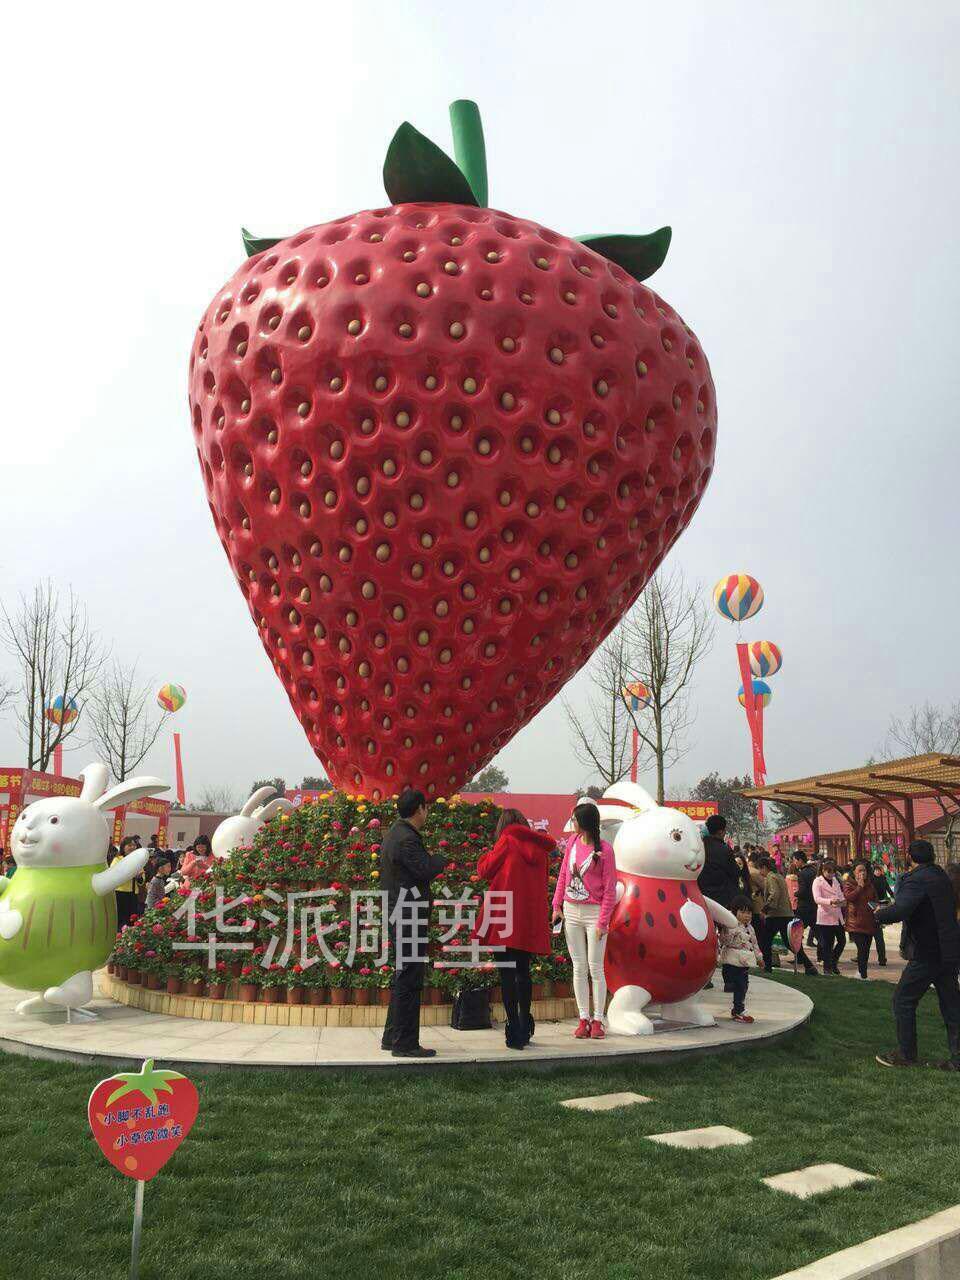 草莓雕塑:草莓内部为钢结构,总重约3吨,外部为玻璃钢材质,颜色为氟碳